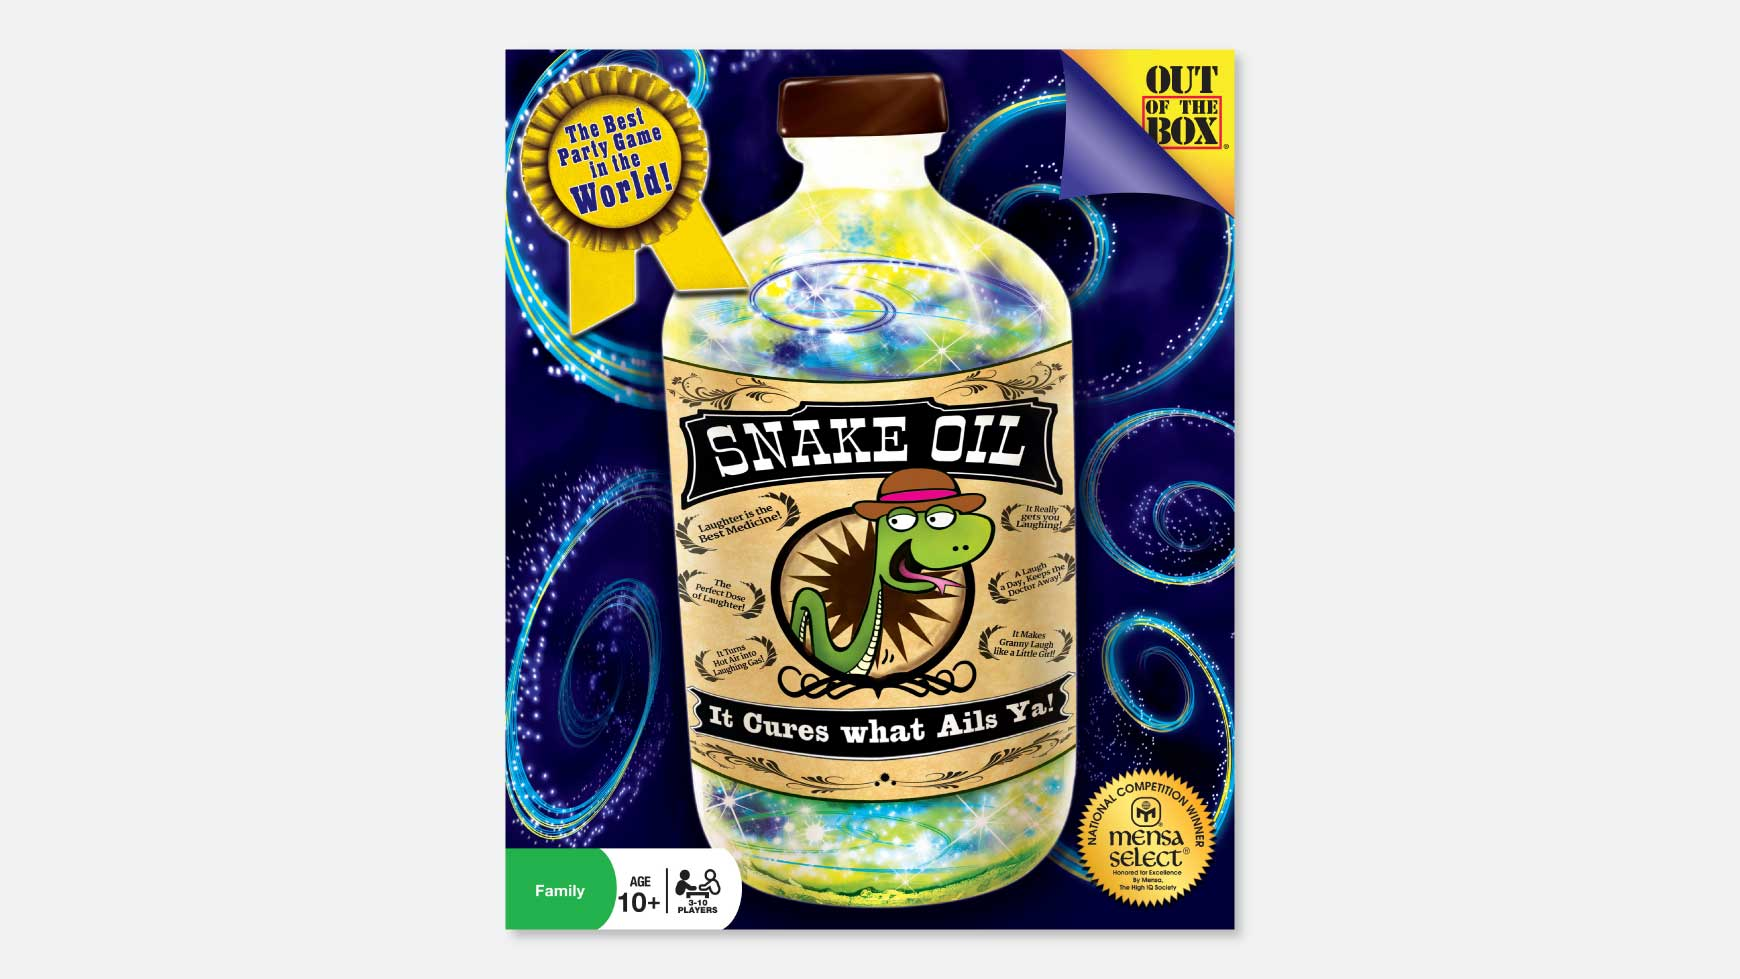 Shake Oil